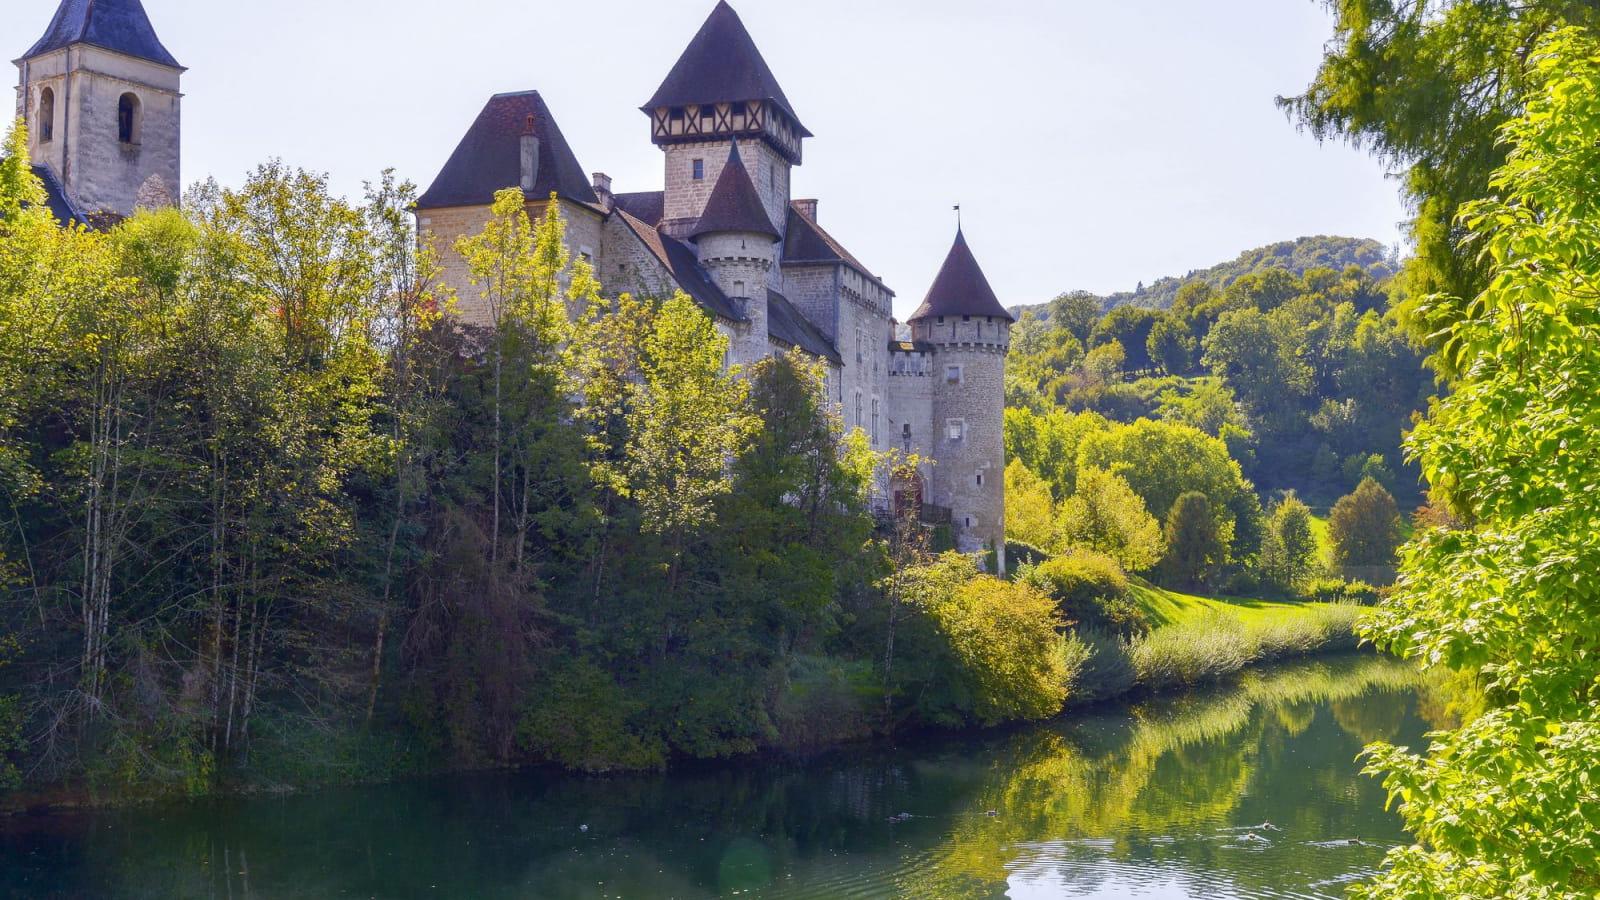 Le château médieval de Cléron au pied du Lison - été